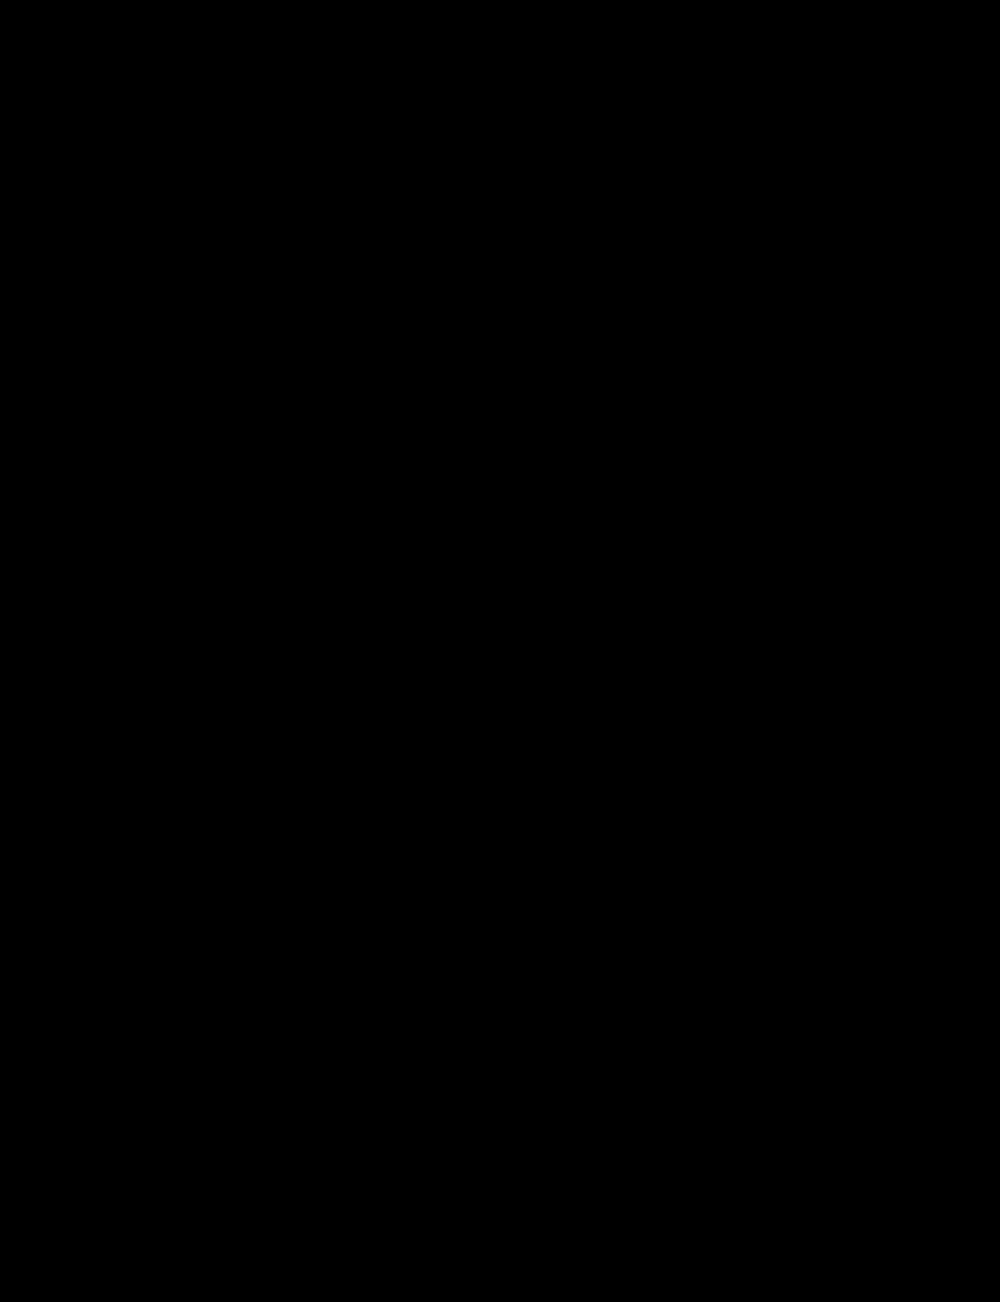 Défilé Lanvin prêt-à-porter printemps-été 2016.